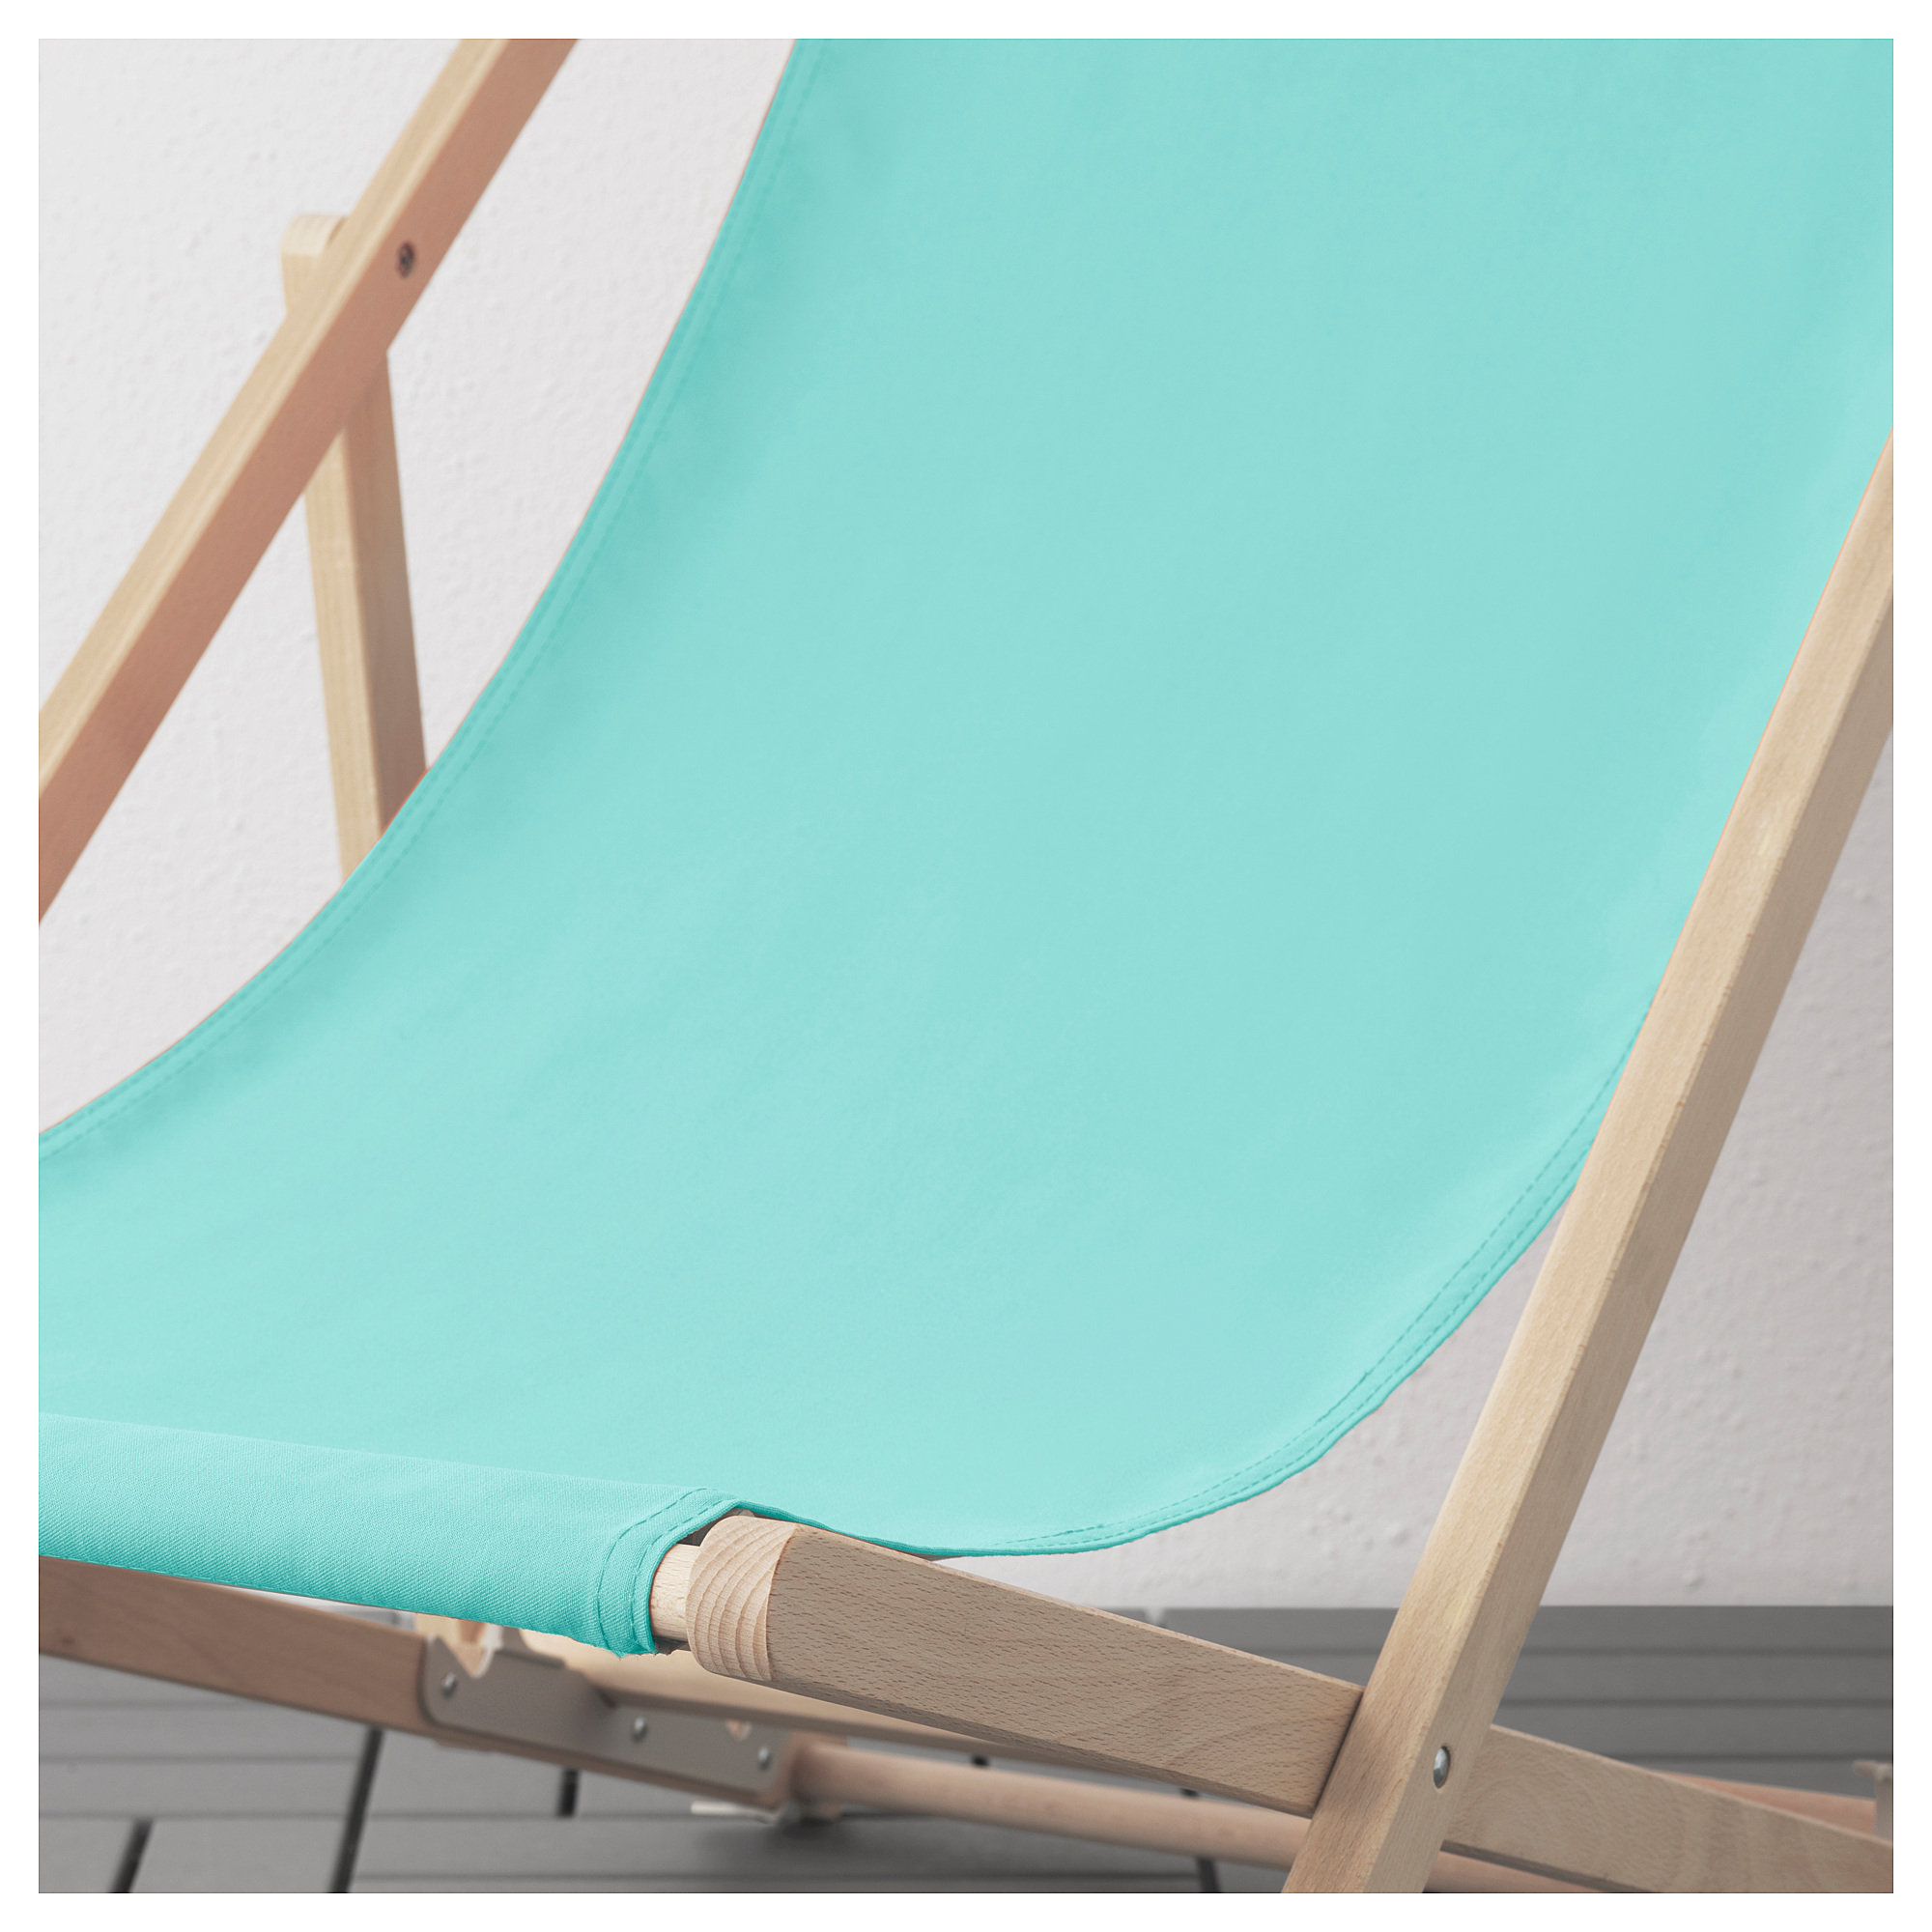 Пляжный стул МЮСИНГСО бирюзовый артикуль № 003.895.24 в наличии. Online каталог IKEA Беларусь. Недорогая доставка и монтаж.